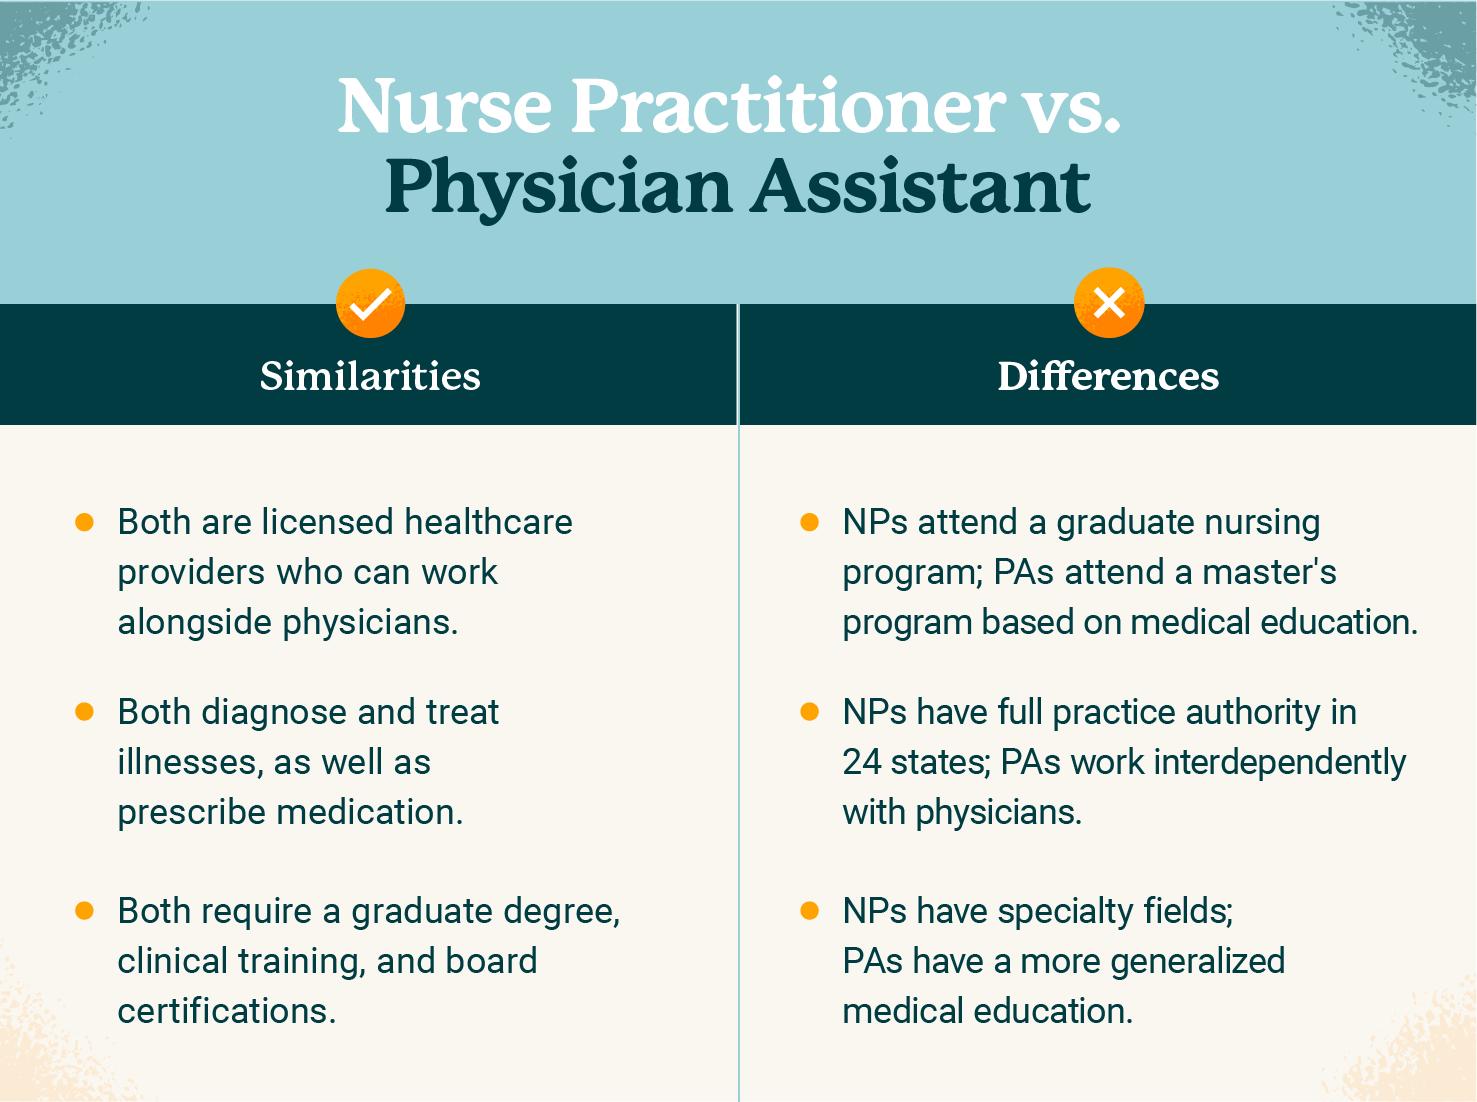 Nurse practitioner vs physician assistant comparison graphic